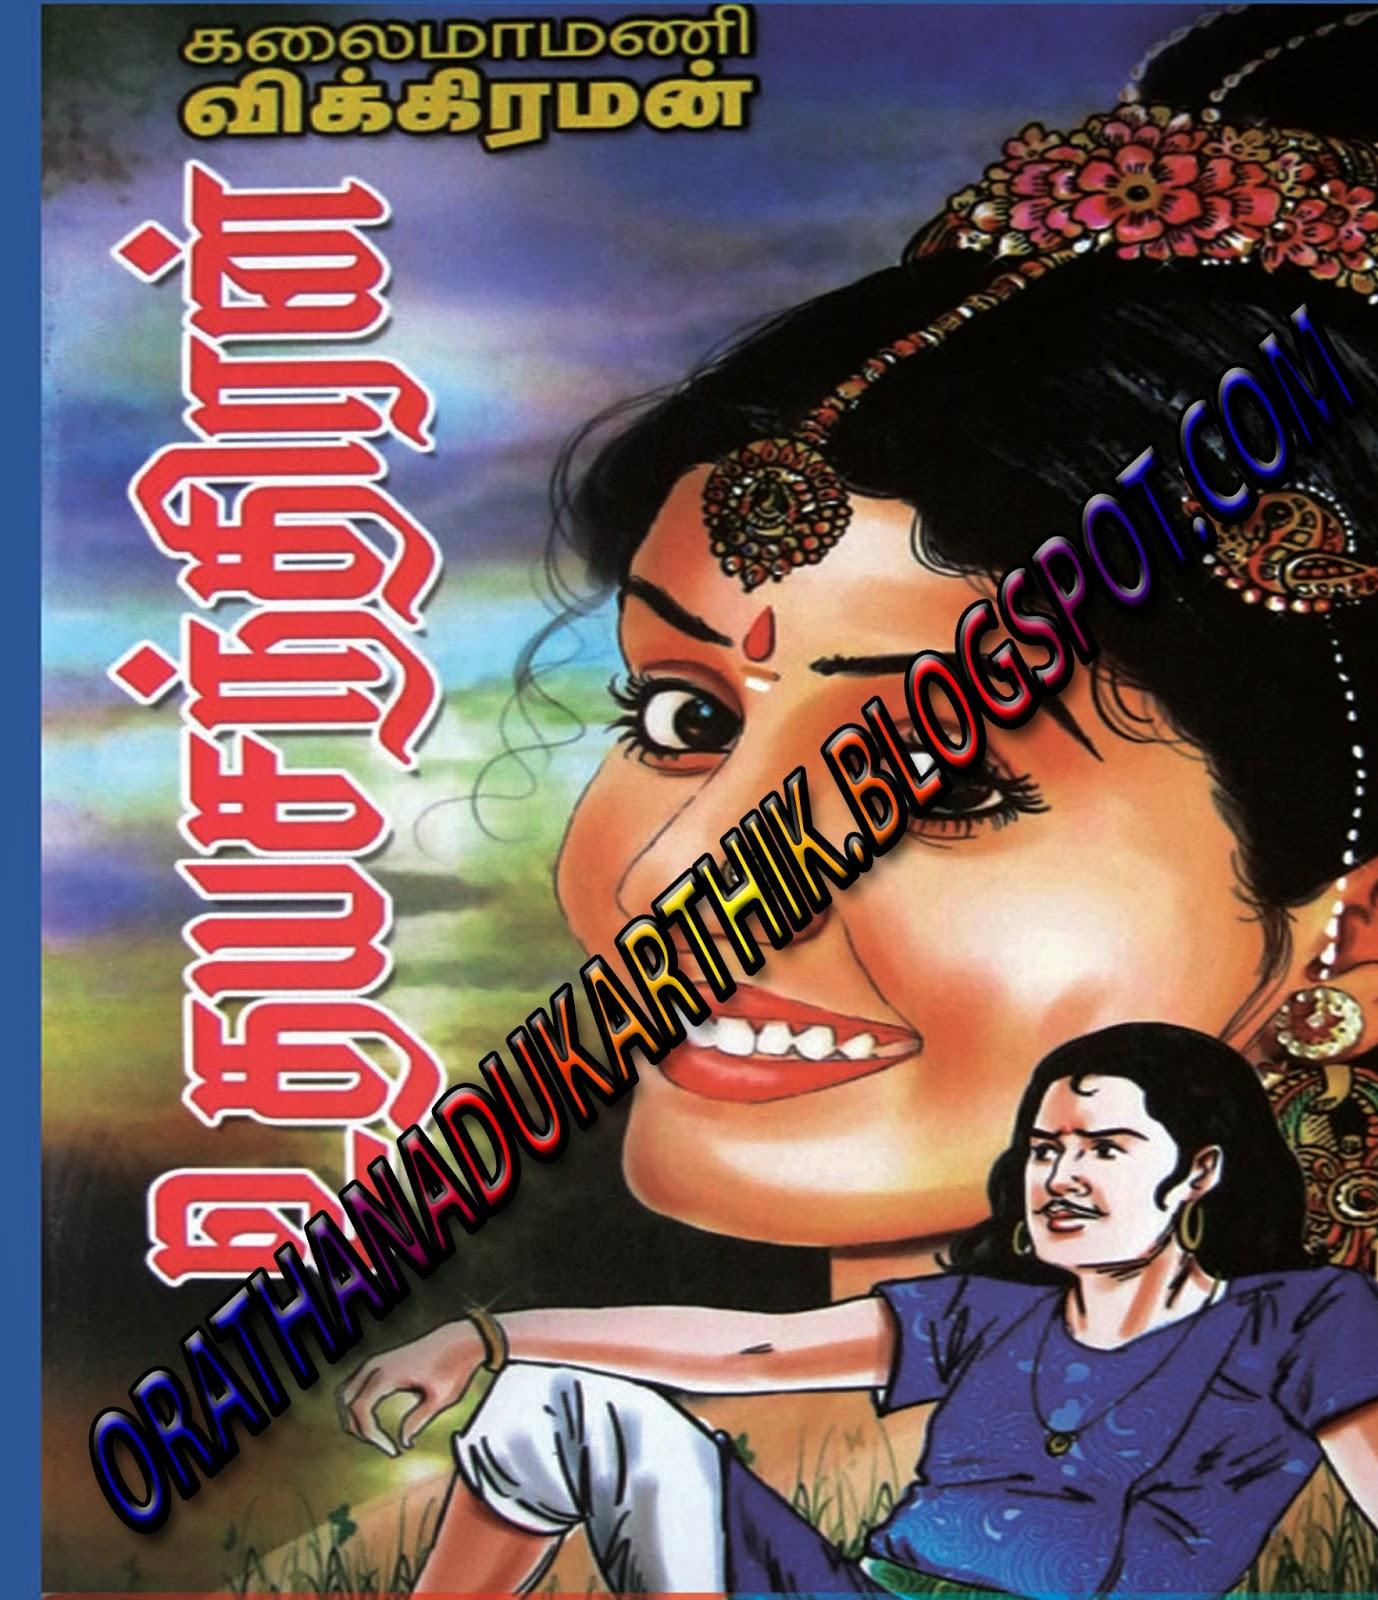 உதயசந்திரன்-விக்கிரமன் நாவல்  Udaya